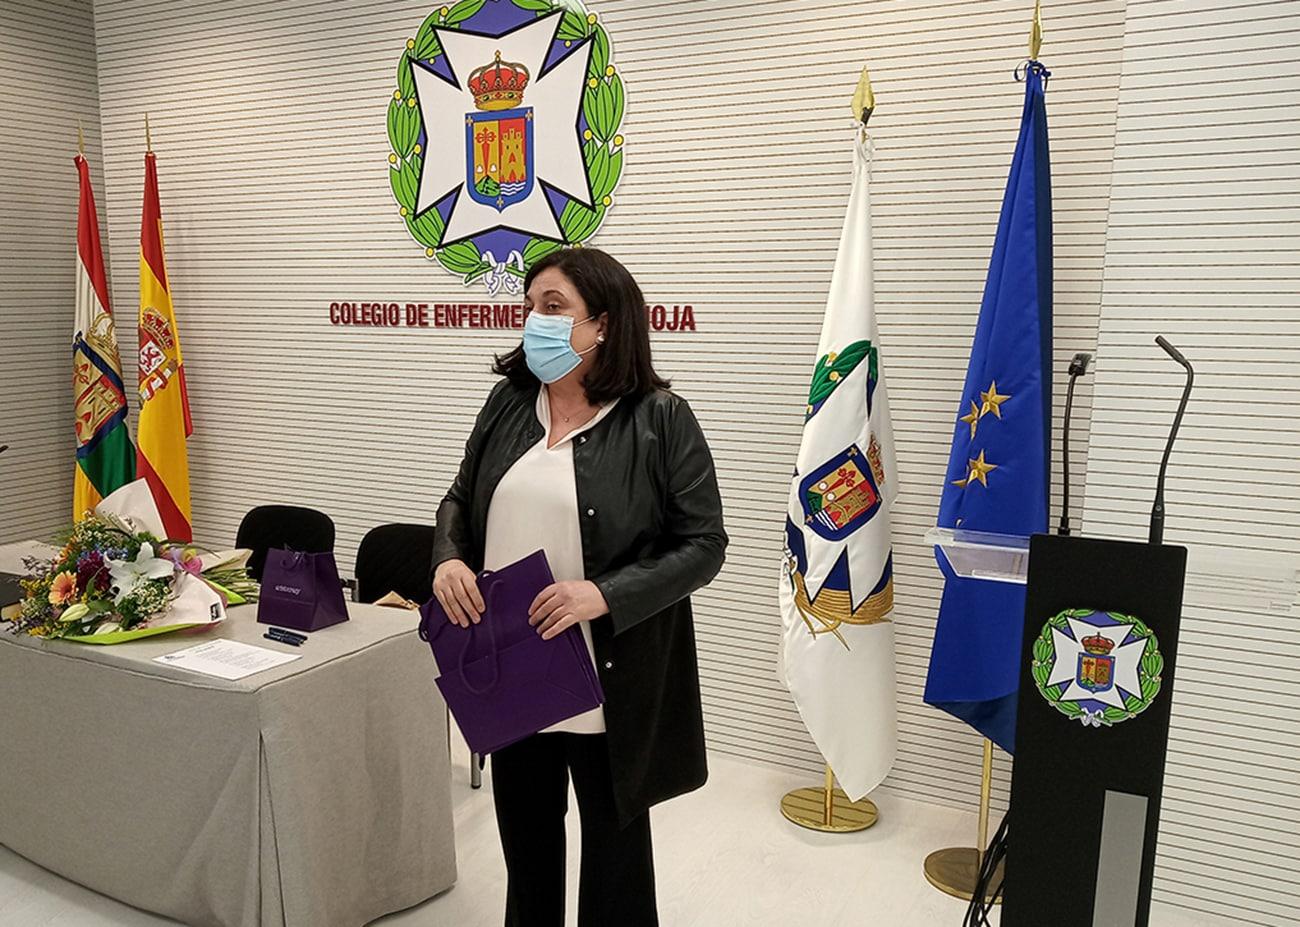 """Las enfermeras de La Rioja, tajantes: """"Hay que pensar más en vacunarse que en las vacaciones"""" 1"""